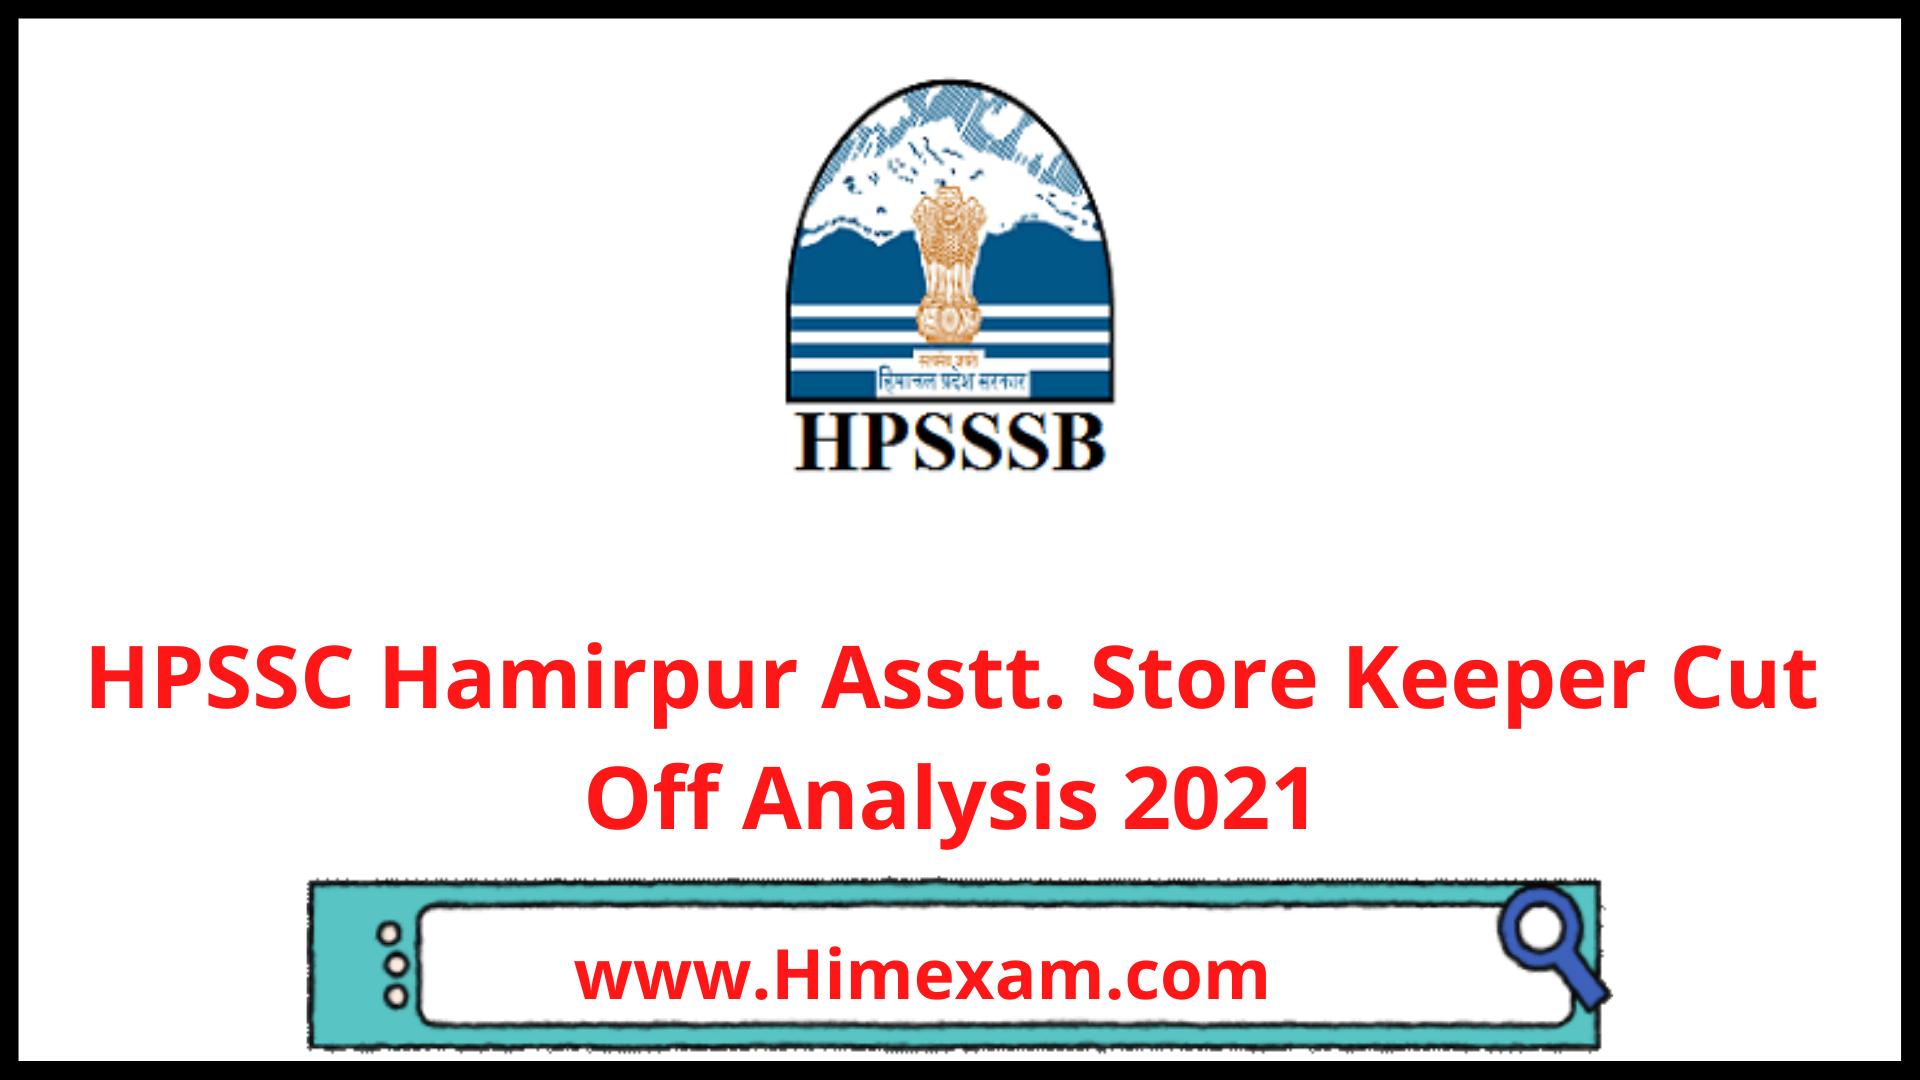 HPSSC Hamirpur Asstt. Store Keeper Cut Off Analysis 2021